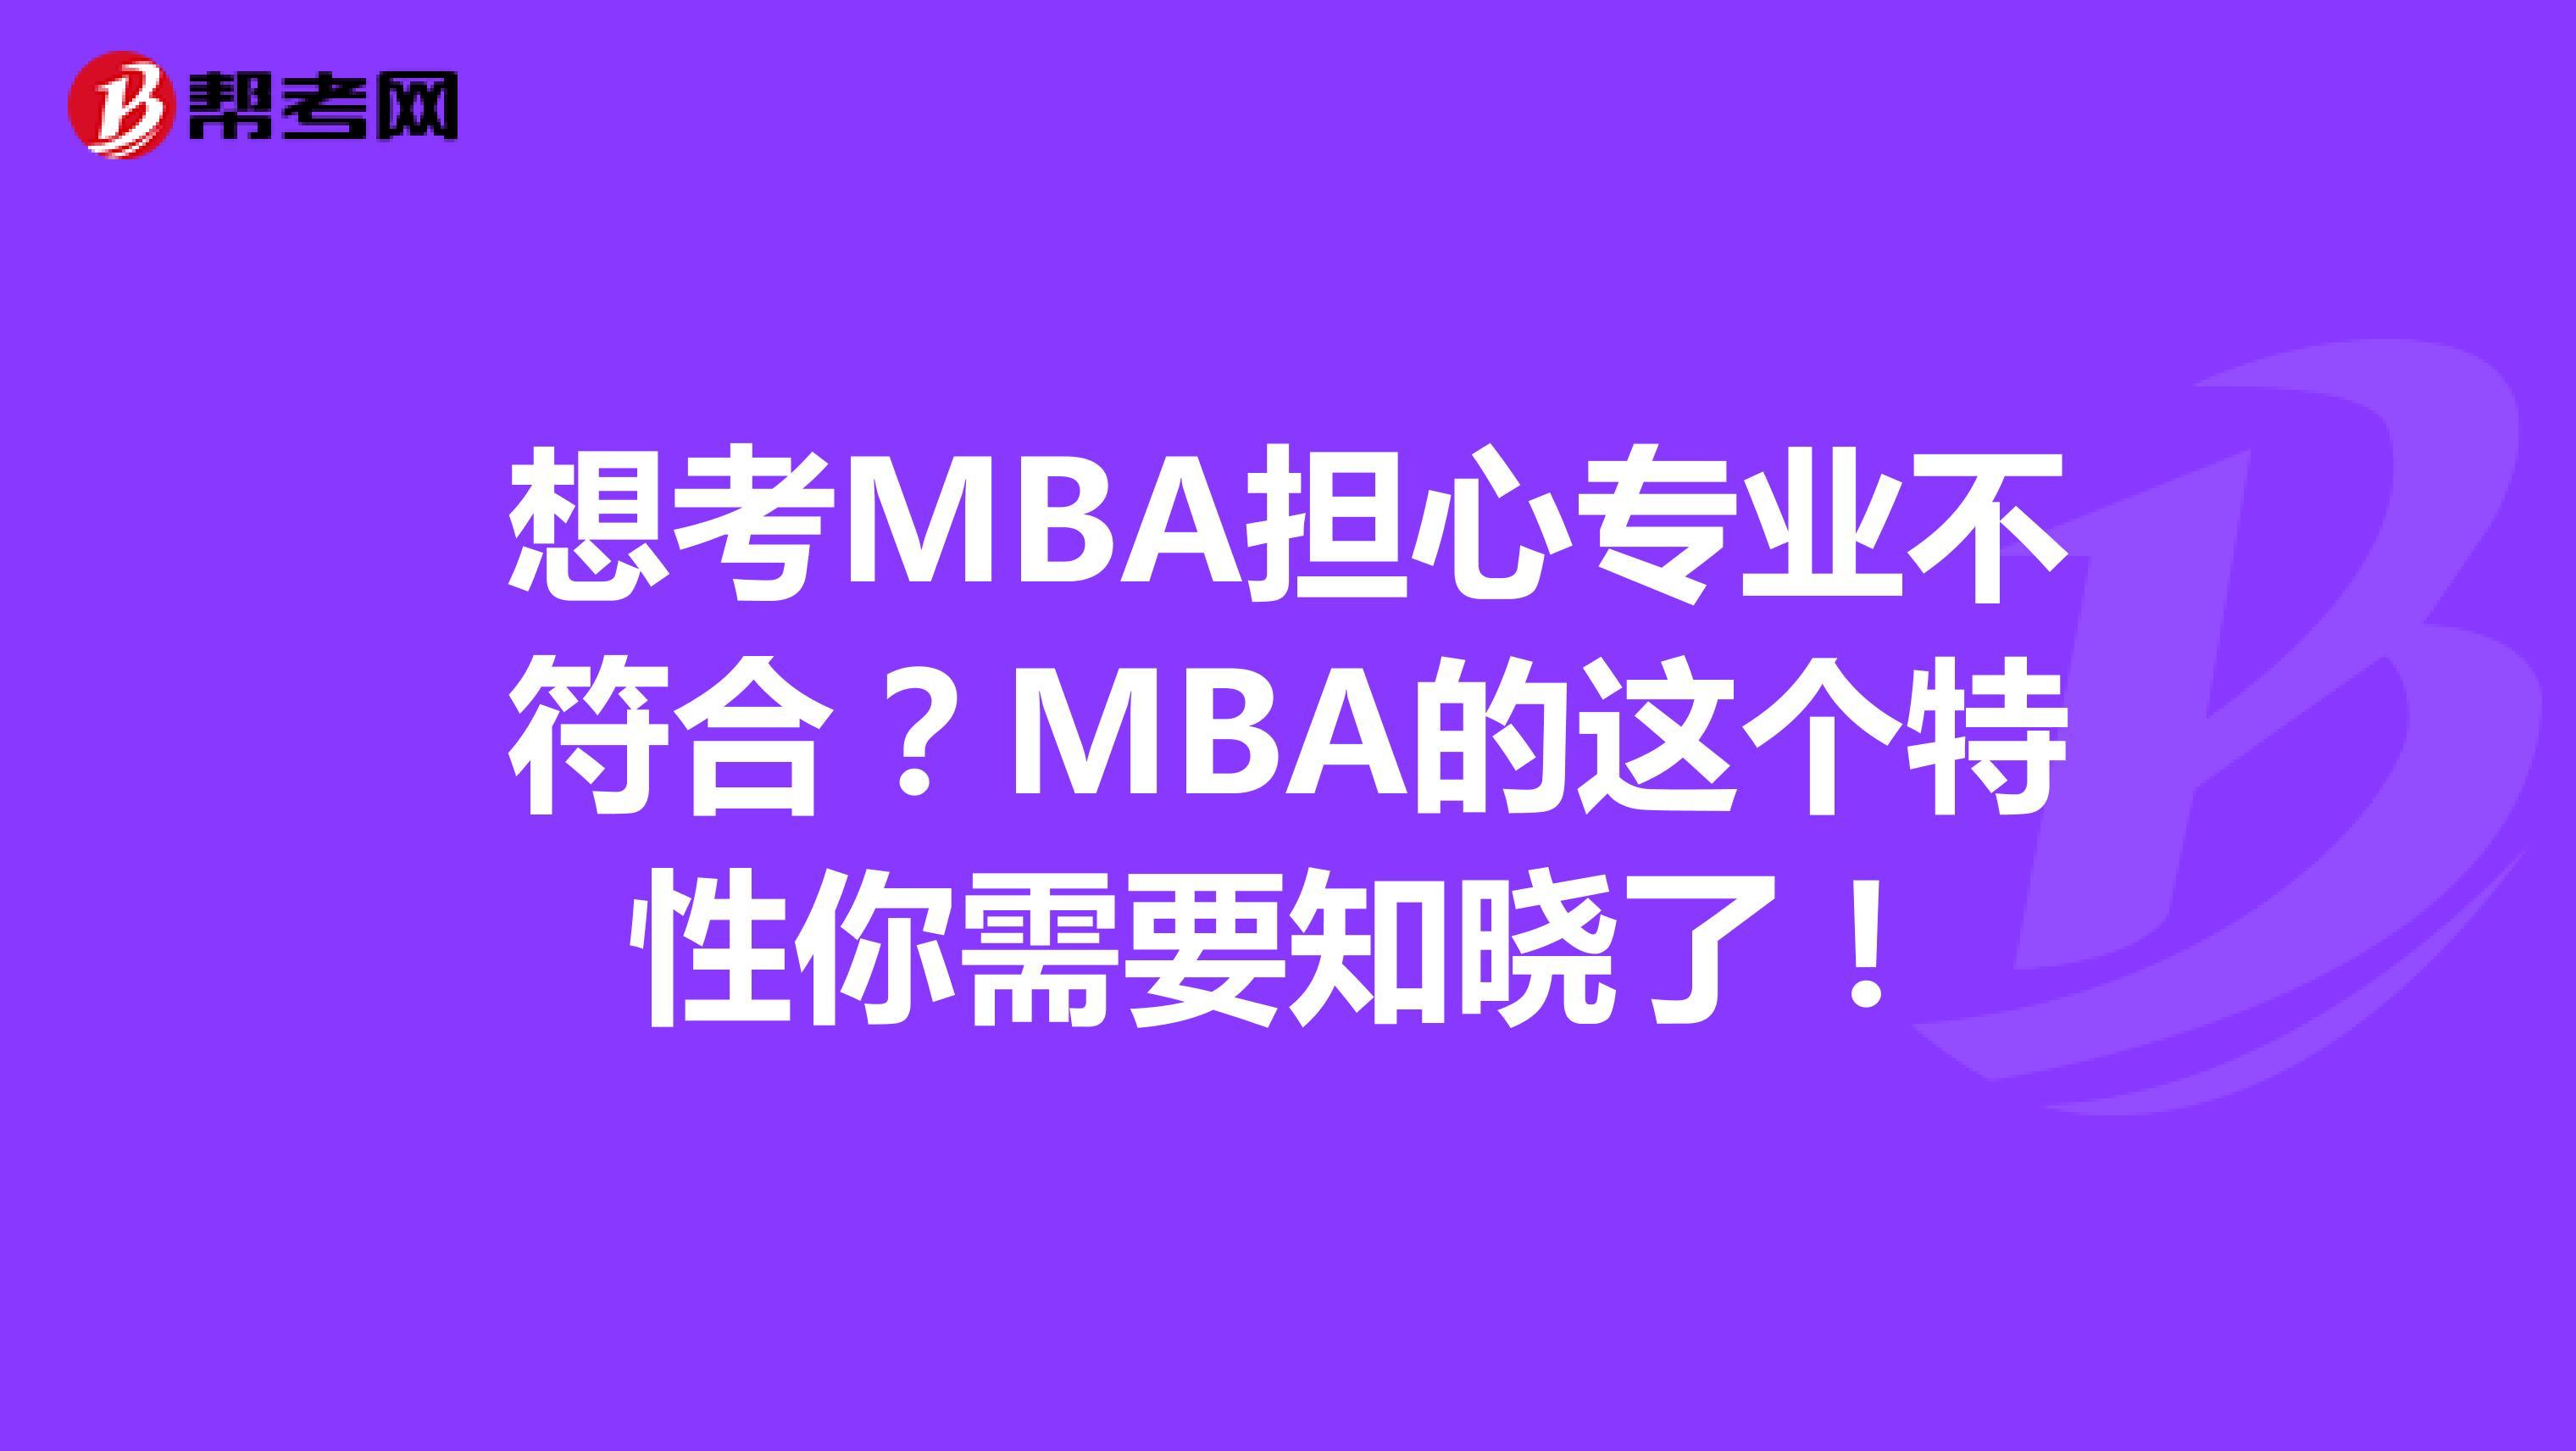 想考MBA担心专业不符合?MBA的这个特性你需要知晓了!